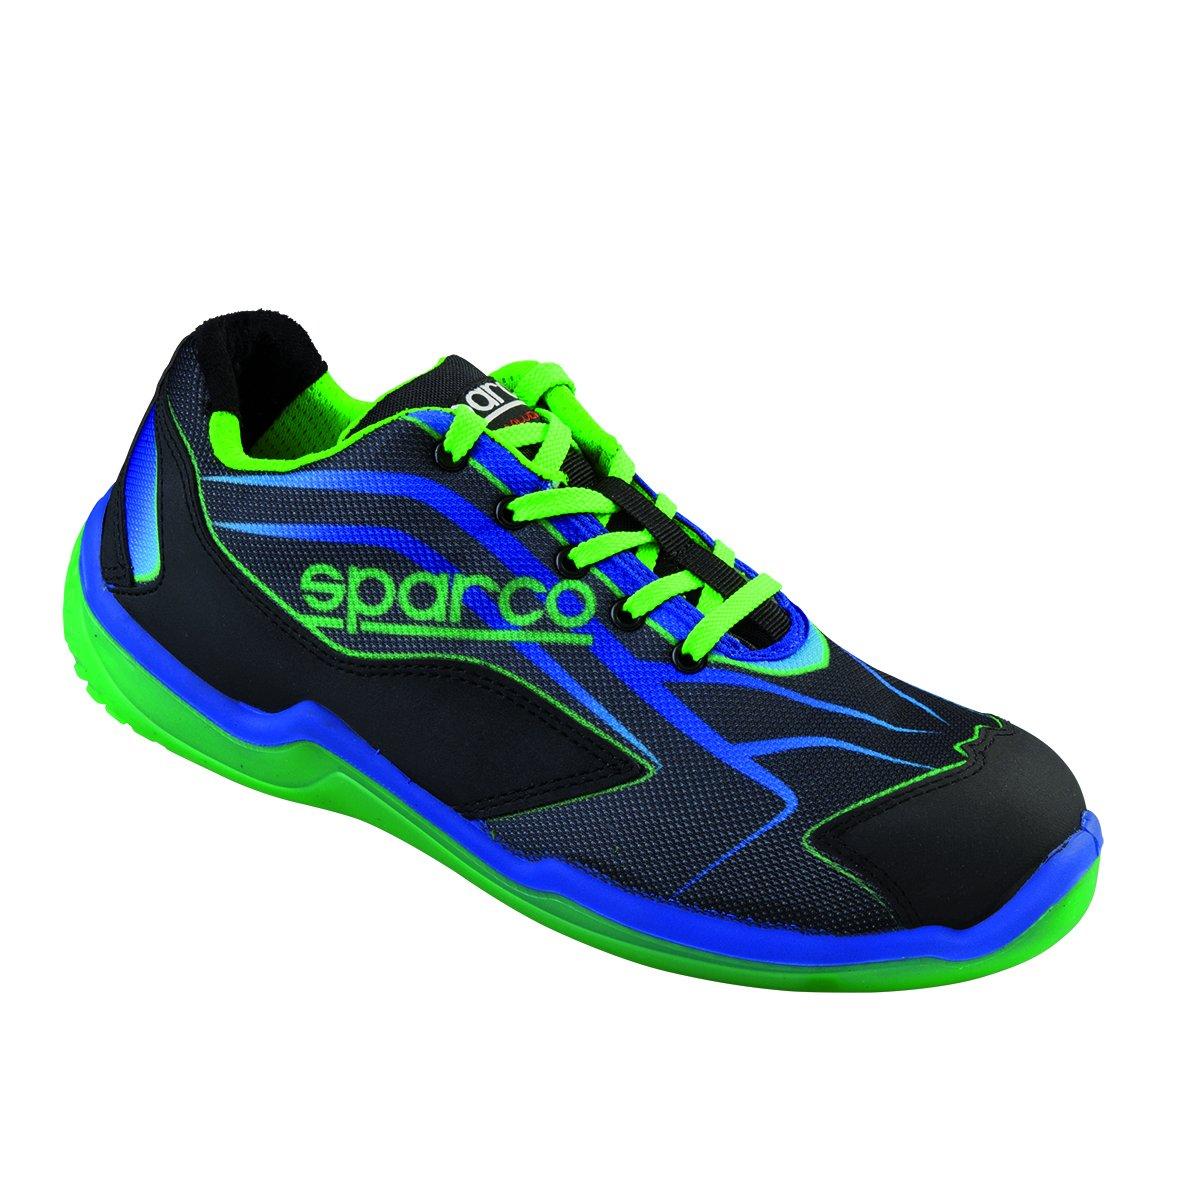 New Sparco 2015/16 S1P - Zapatos de seguridad para hombre (tallas 40, 41, 42, 43, 44, 45 y 46), color negro y rojo 52001